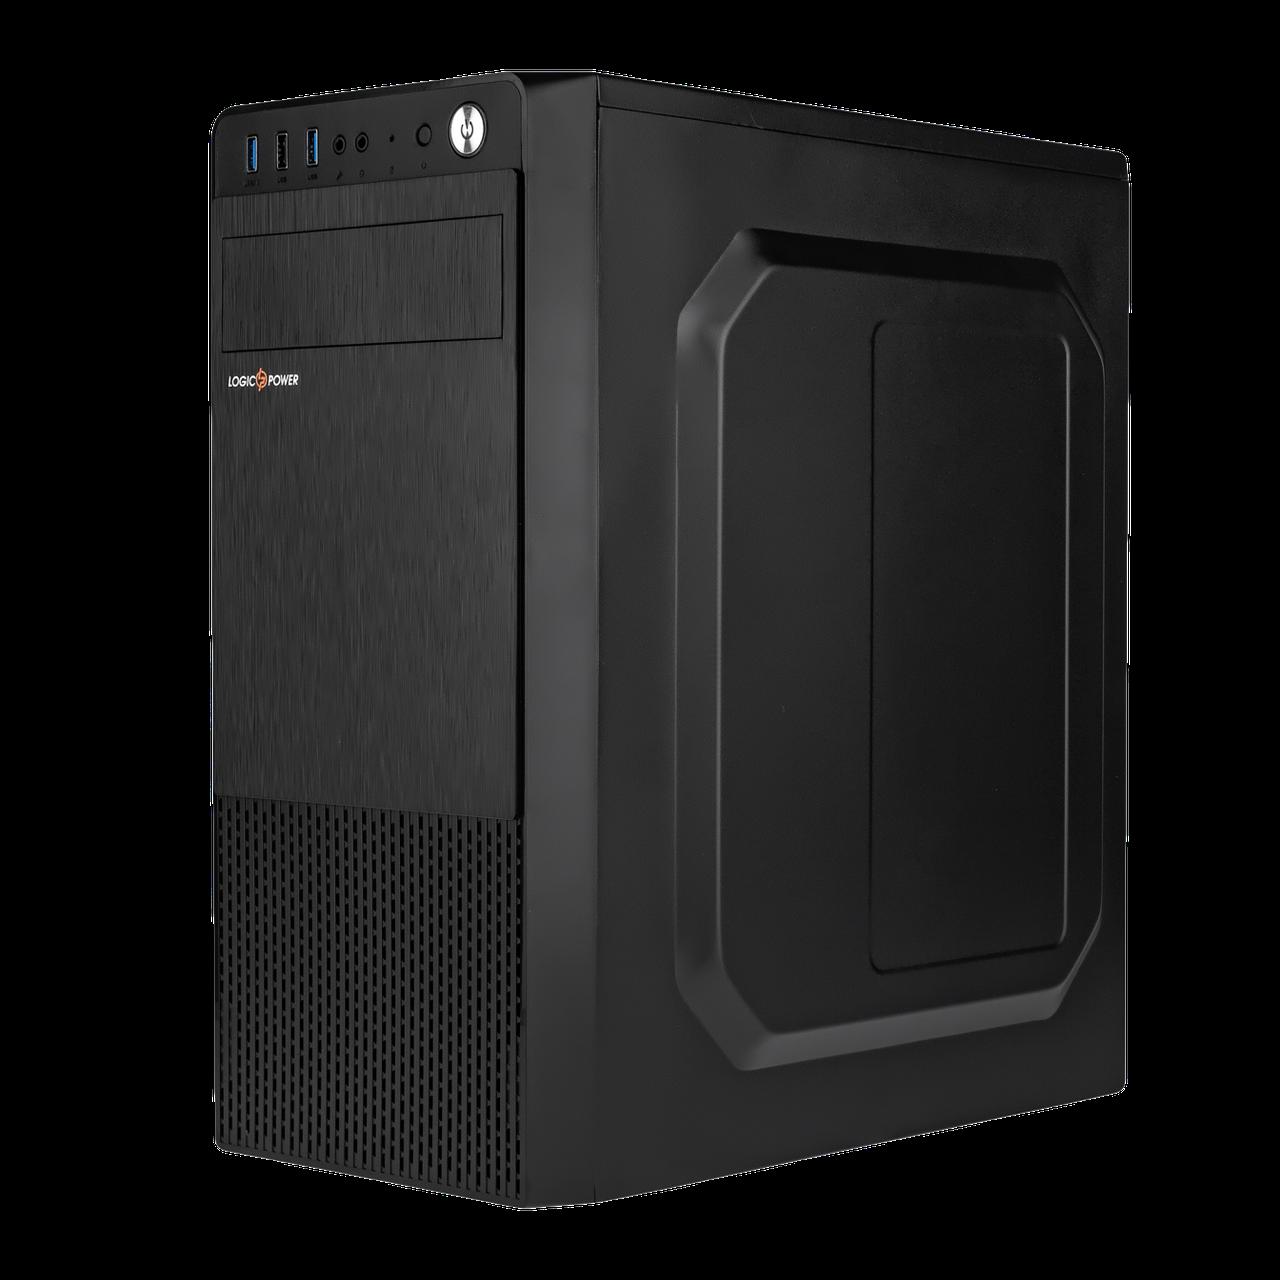 Корпус LP 2009-400W 8см black case chassis cover с 1xUSB2.0 и 2xUSB3.0